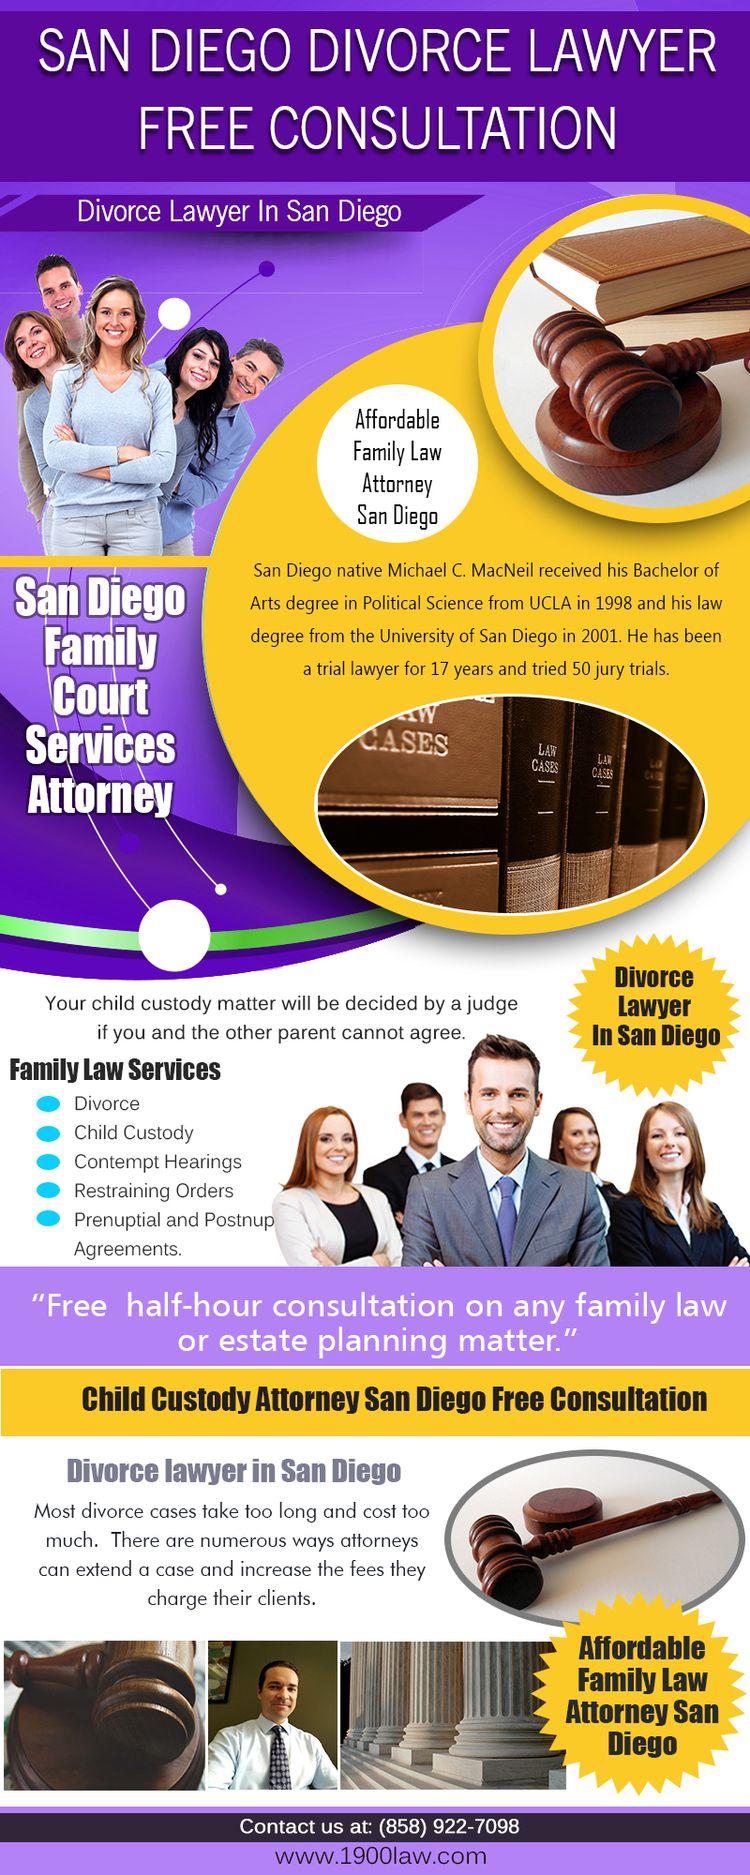 San Diego Divorce Lawyer select - sandiegodivorce | ello